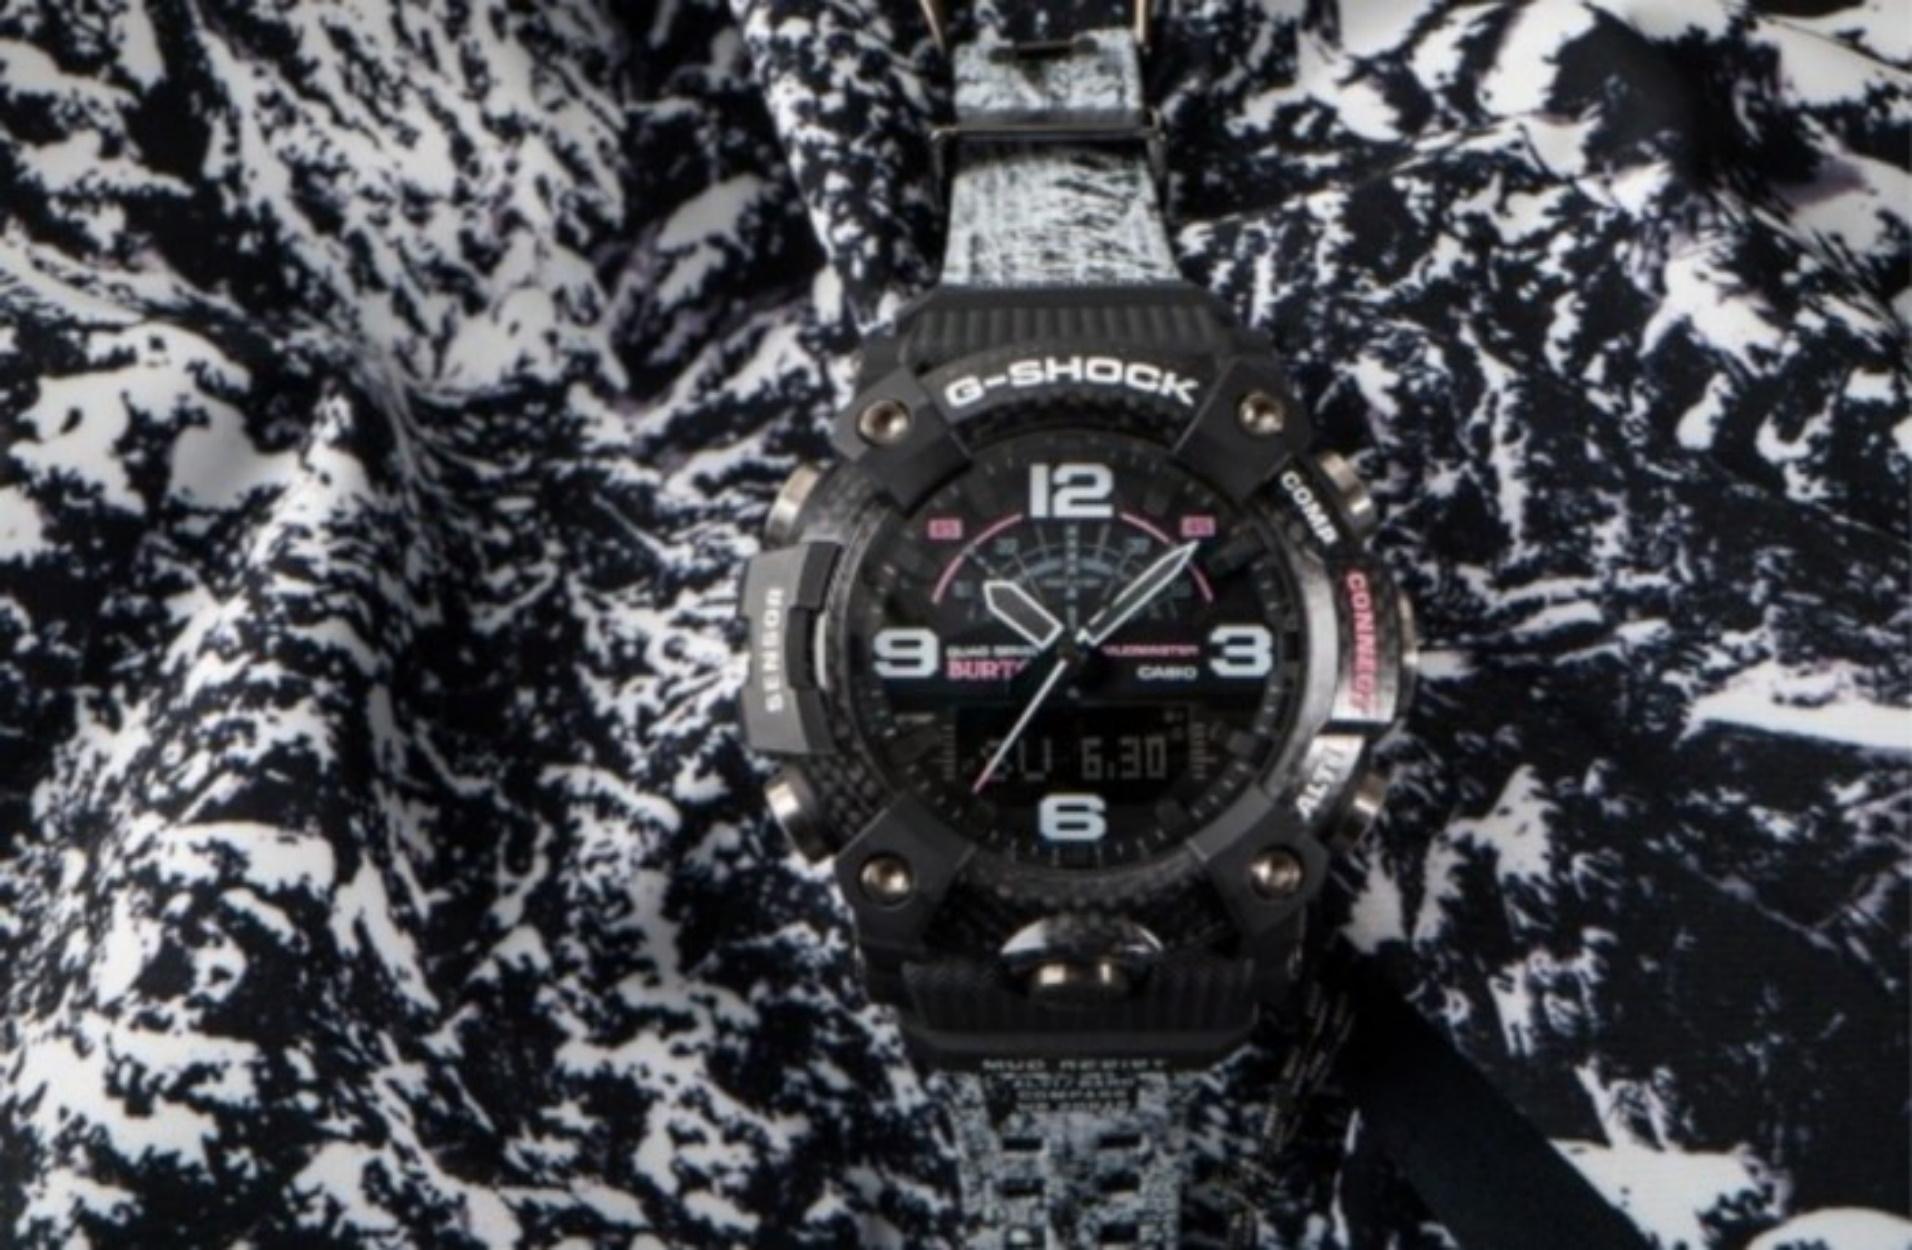 Ένα στιβαρό ρολόι από την G-Shock που θα ζήλευε ακόμα και ο James Bond